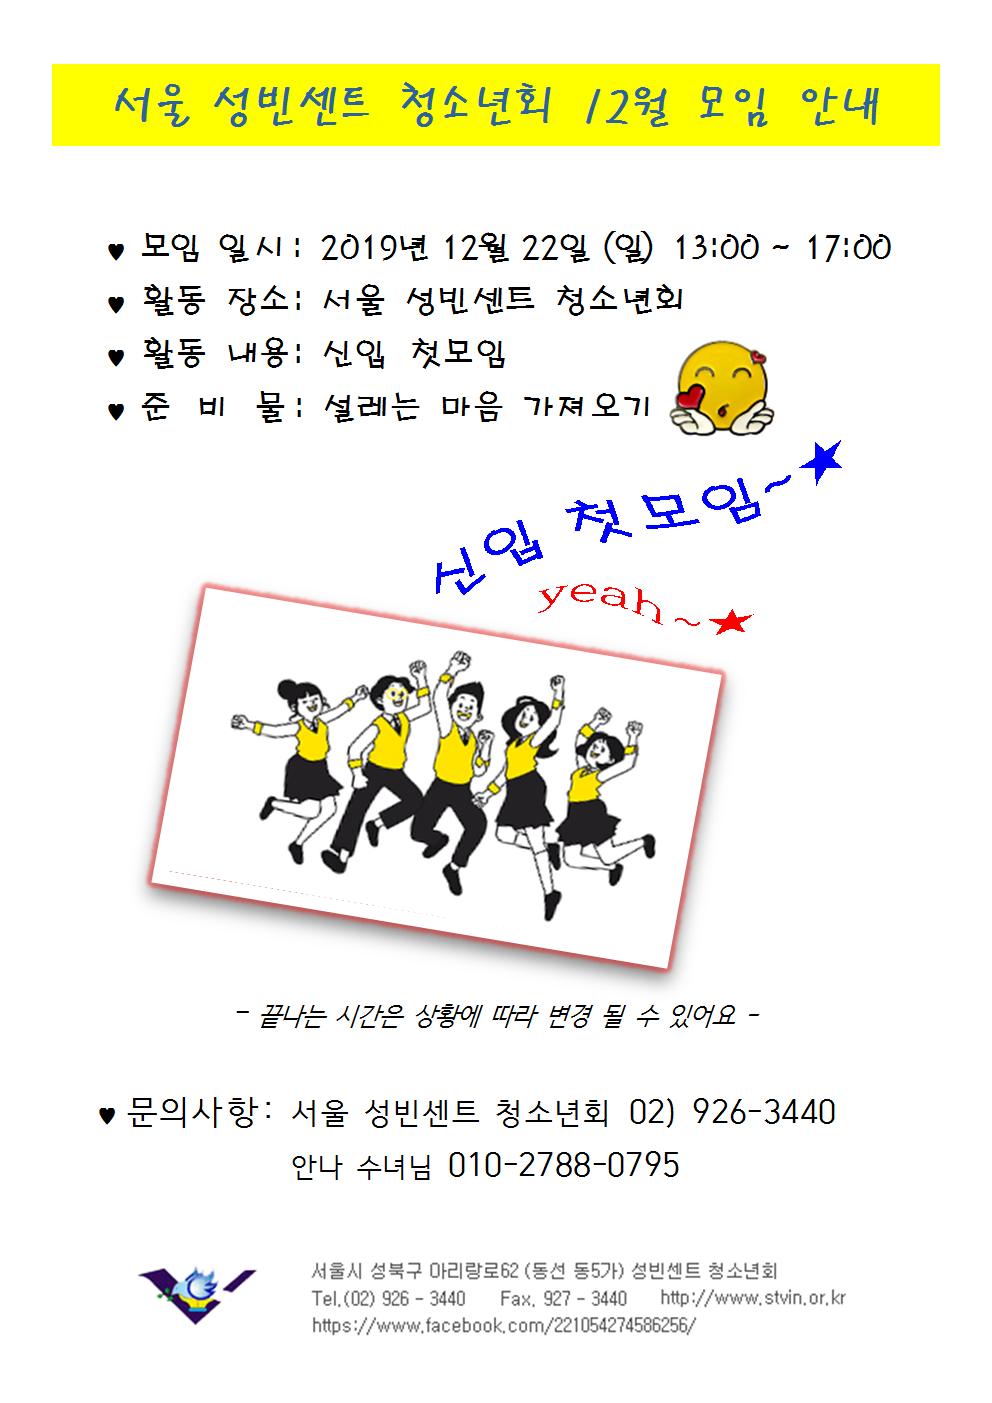 서울 성빈센트 청소년회 12월 신입 첫모임 안내001.png